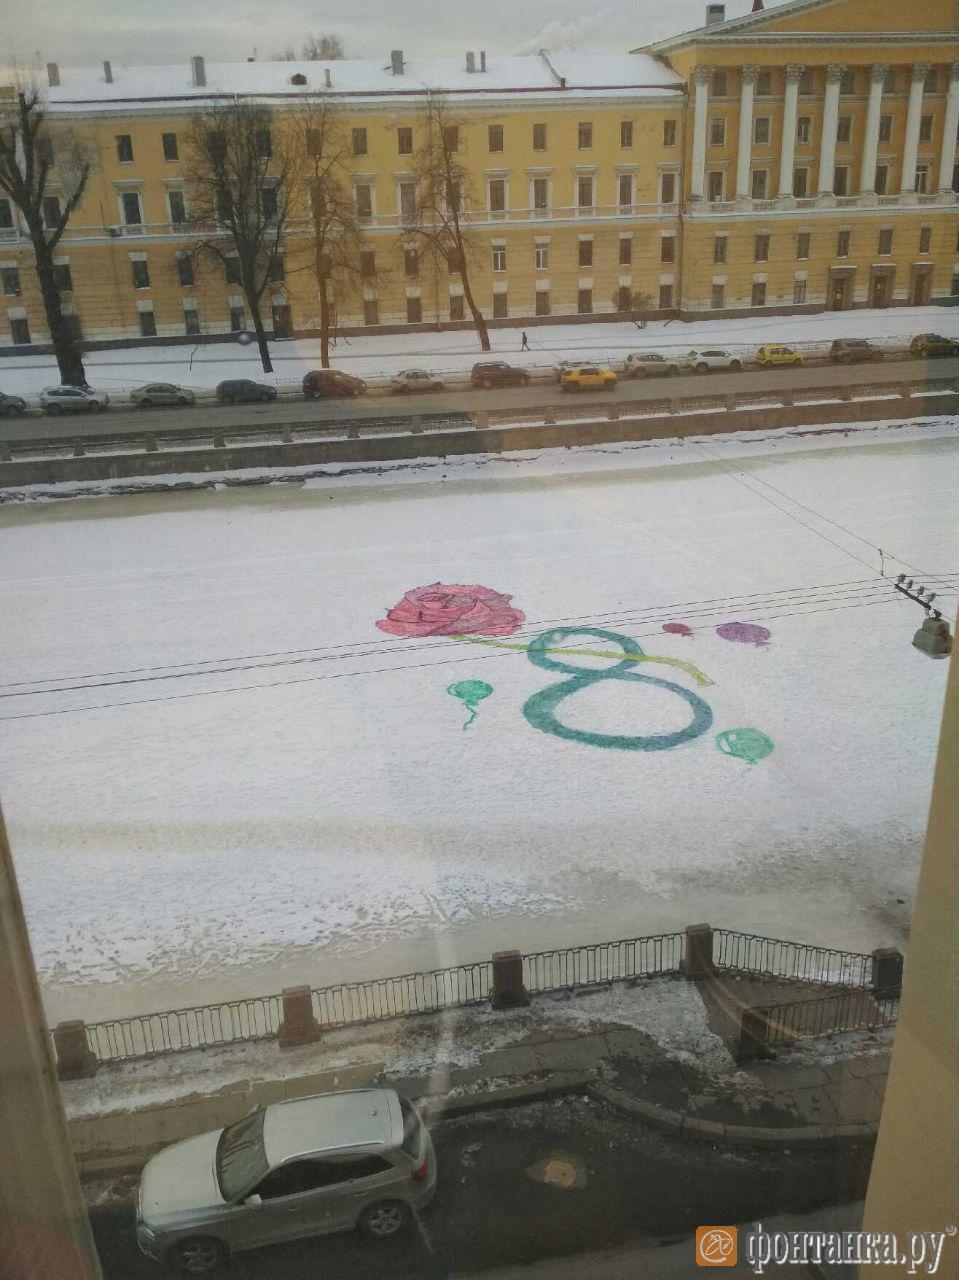 Надпись, которую не сотрут: на льду Фонтанки появилась «открытка» к 8 Марта (Иллюстрация 1 из 1) (Фото: читатель